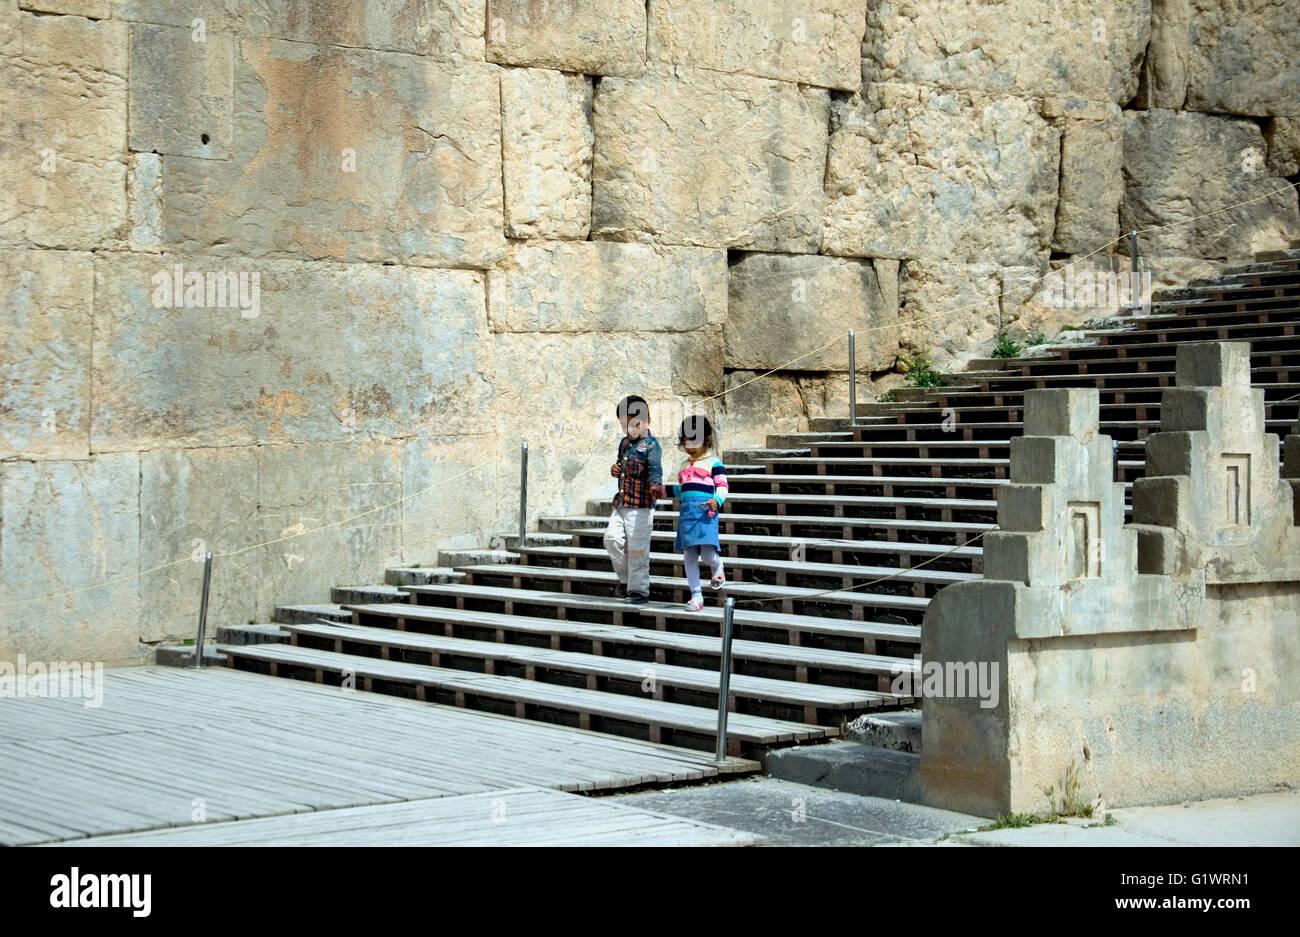 A Persepoli, all'Iran il più grande sito storico, due bambini scendere dalla grande scala vicino all'ingresso Immagini Stock